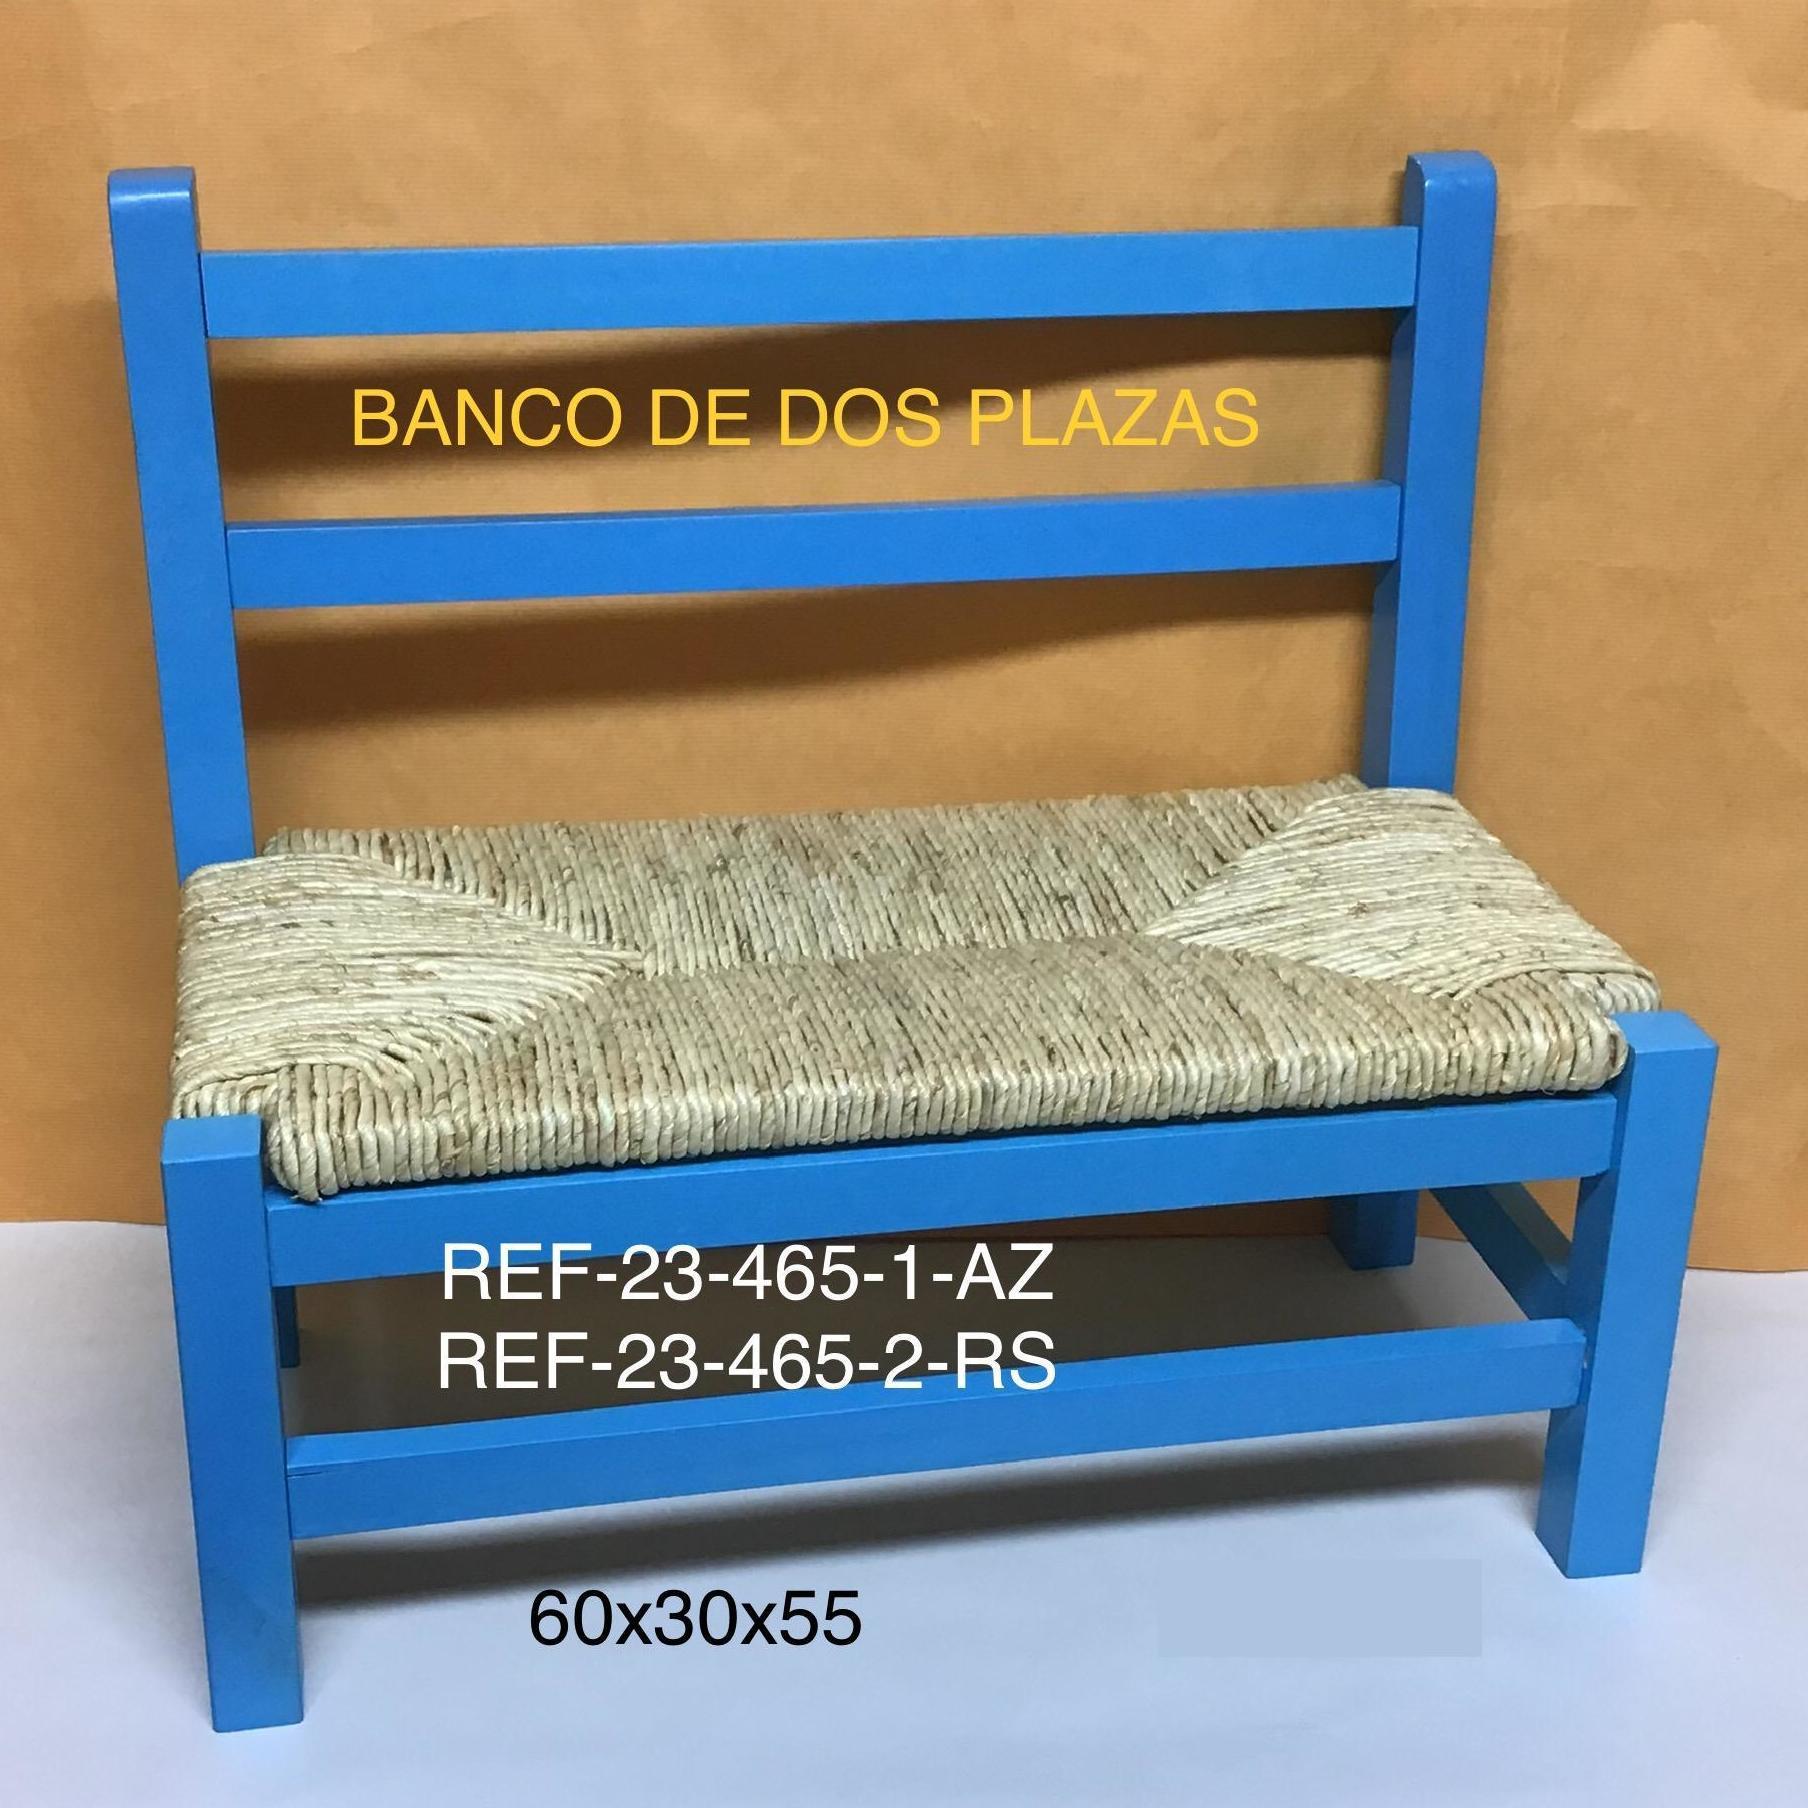 23-465-1 BANCO INFANTIL ANEA AZUL 60X30X55